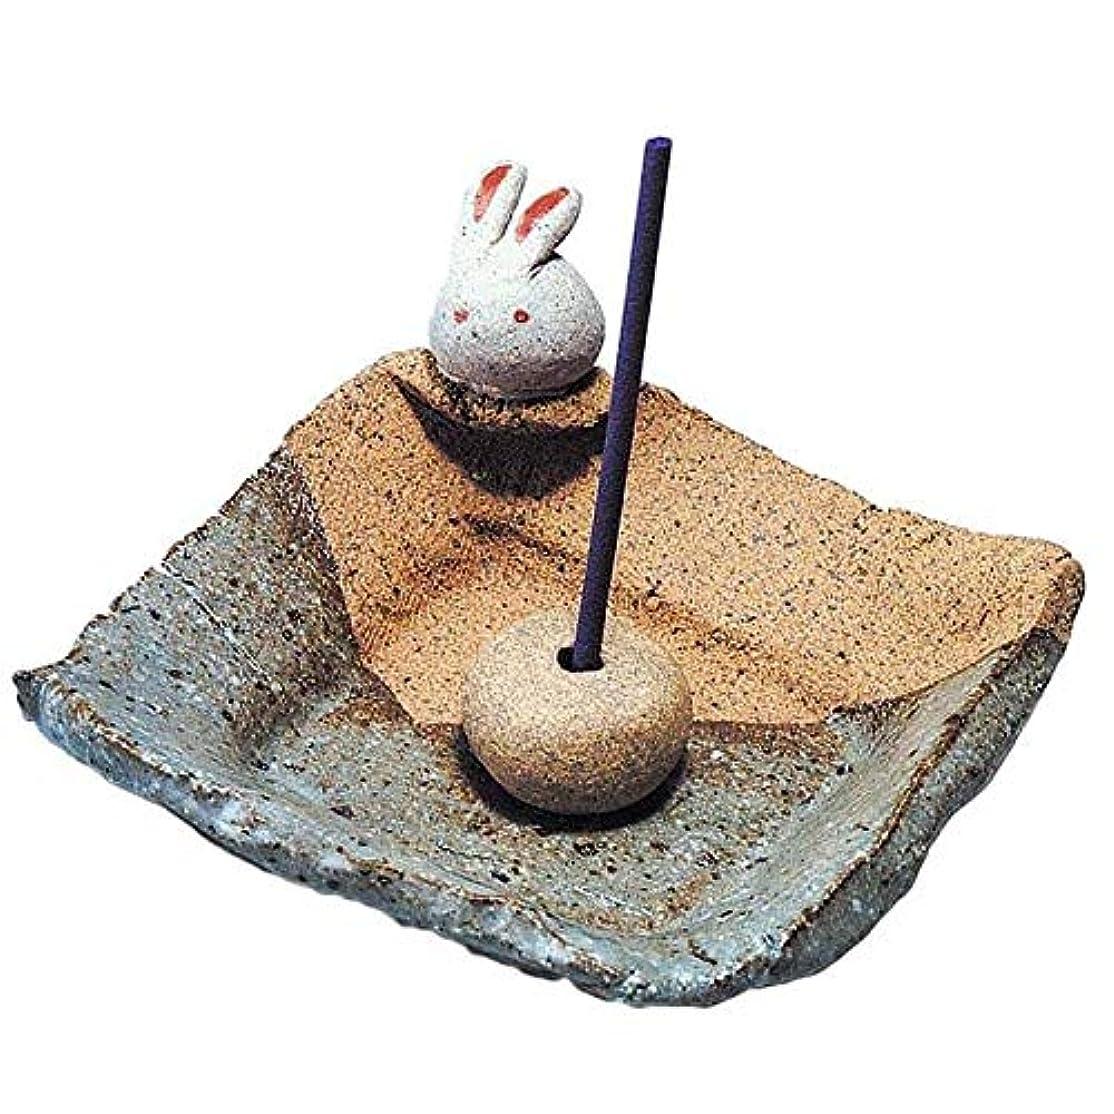 手造り 香皿 香立て/うさぎ 香皿/香り アロマ 癒やし リラックス インテリア プレゼント 贈り物